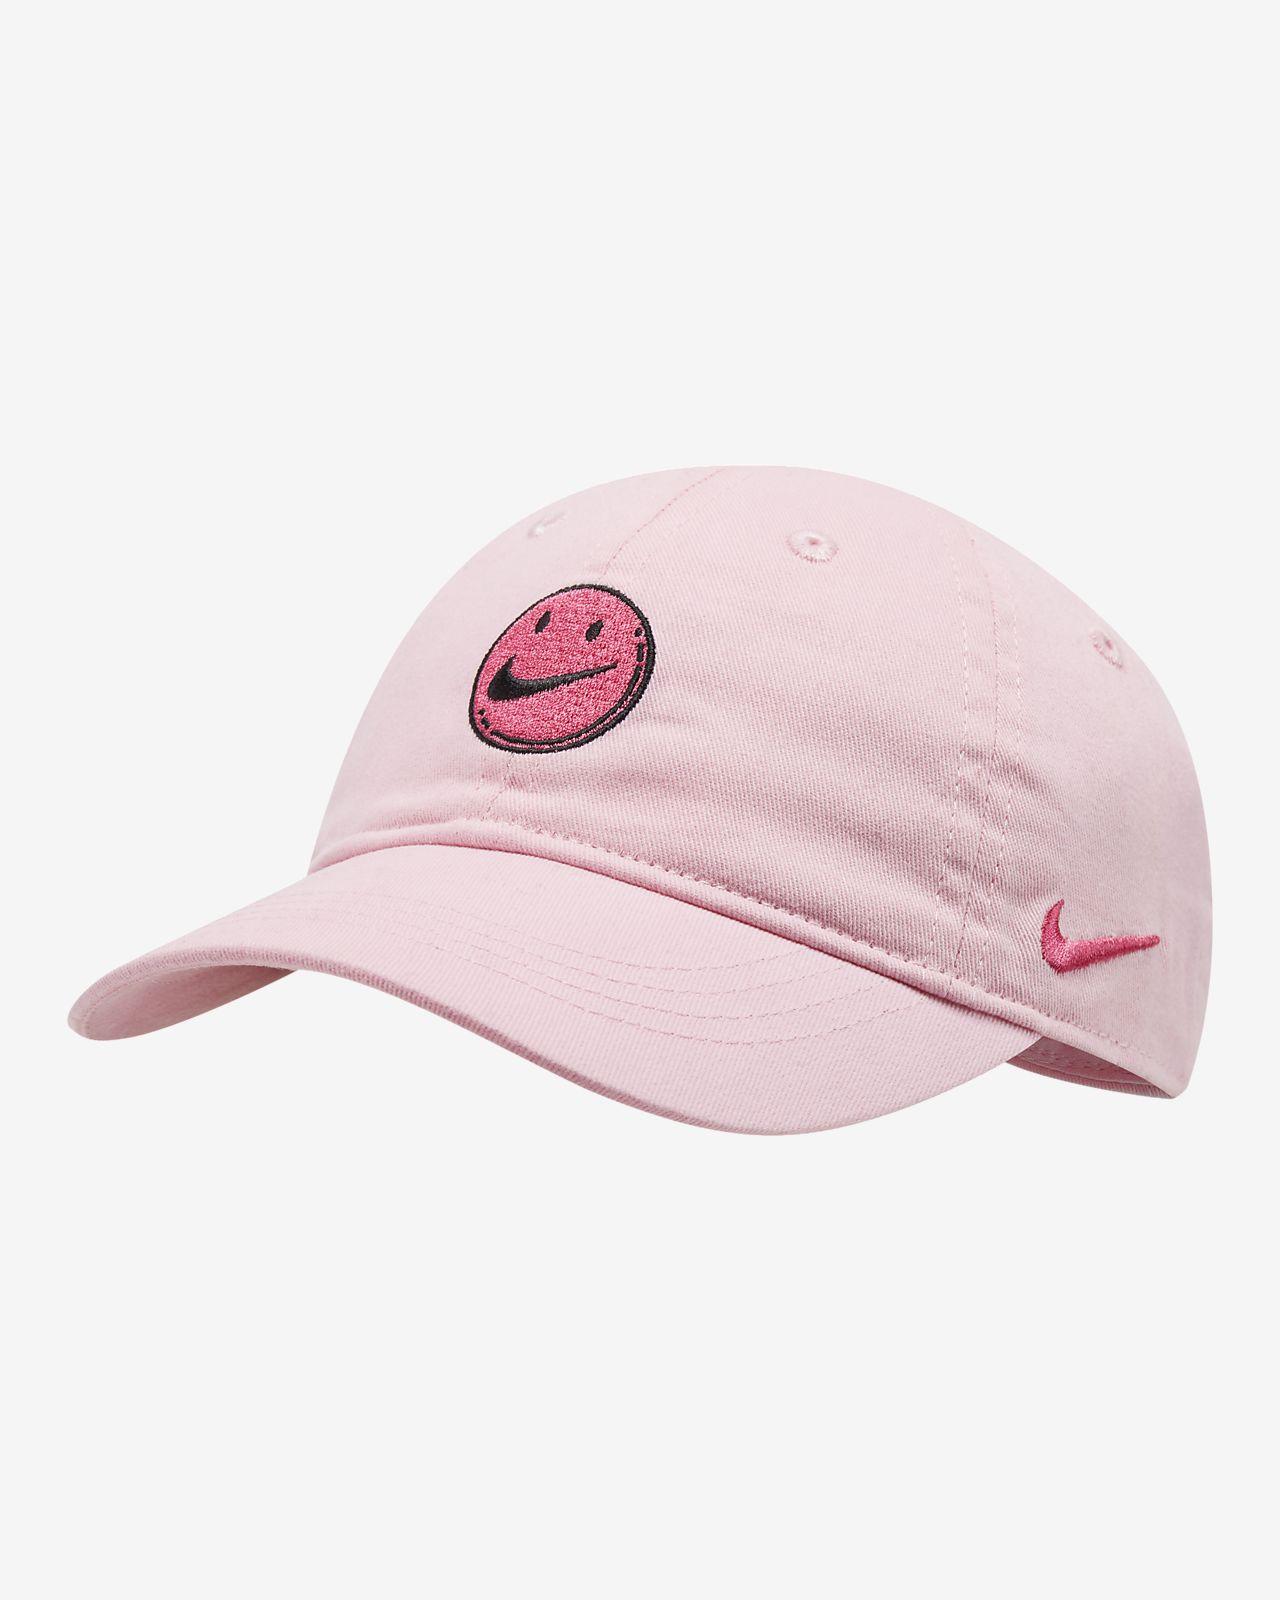 Nike Toddler Adjustable Hat